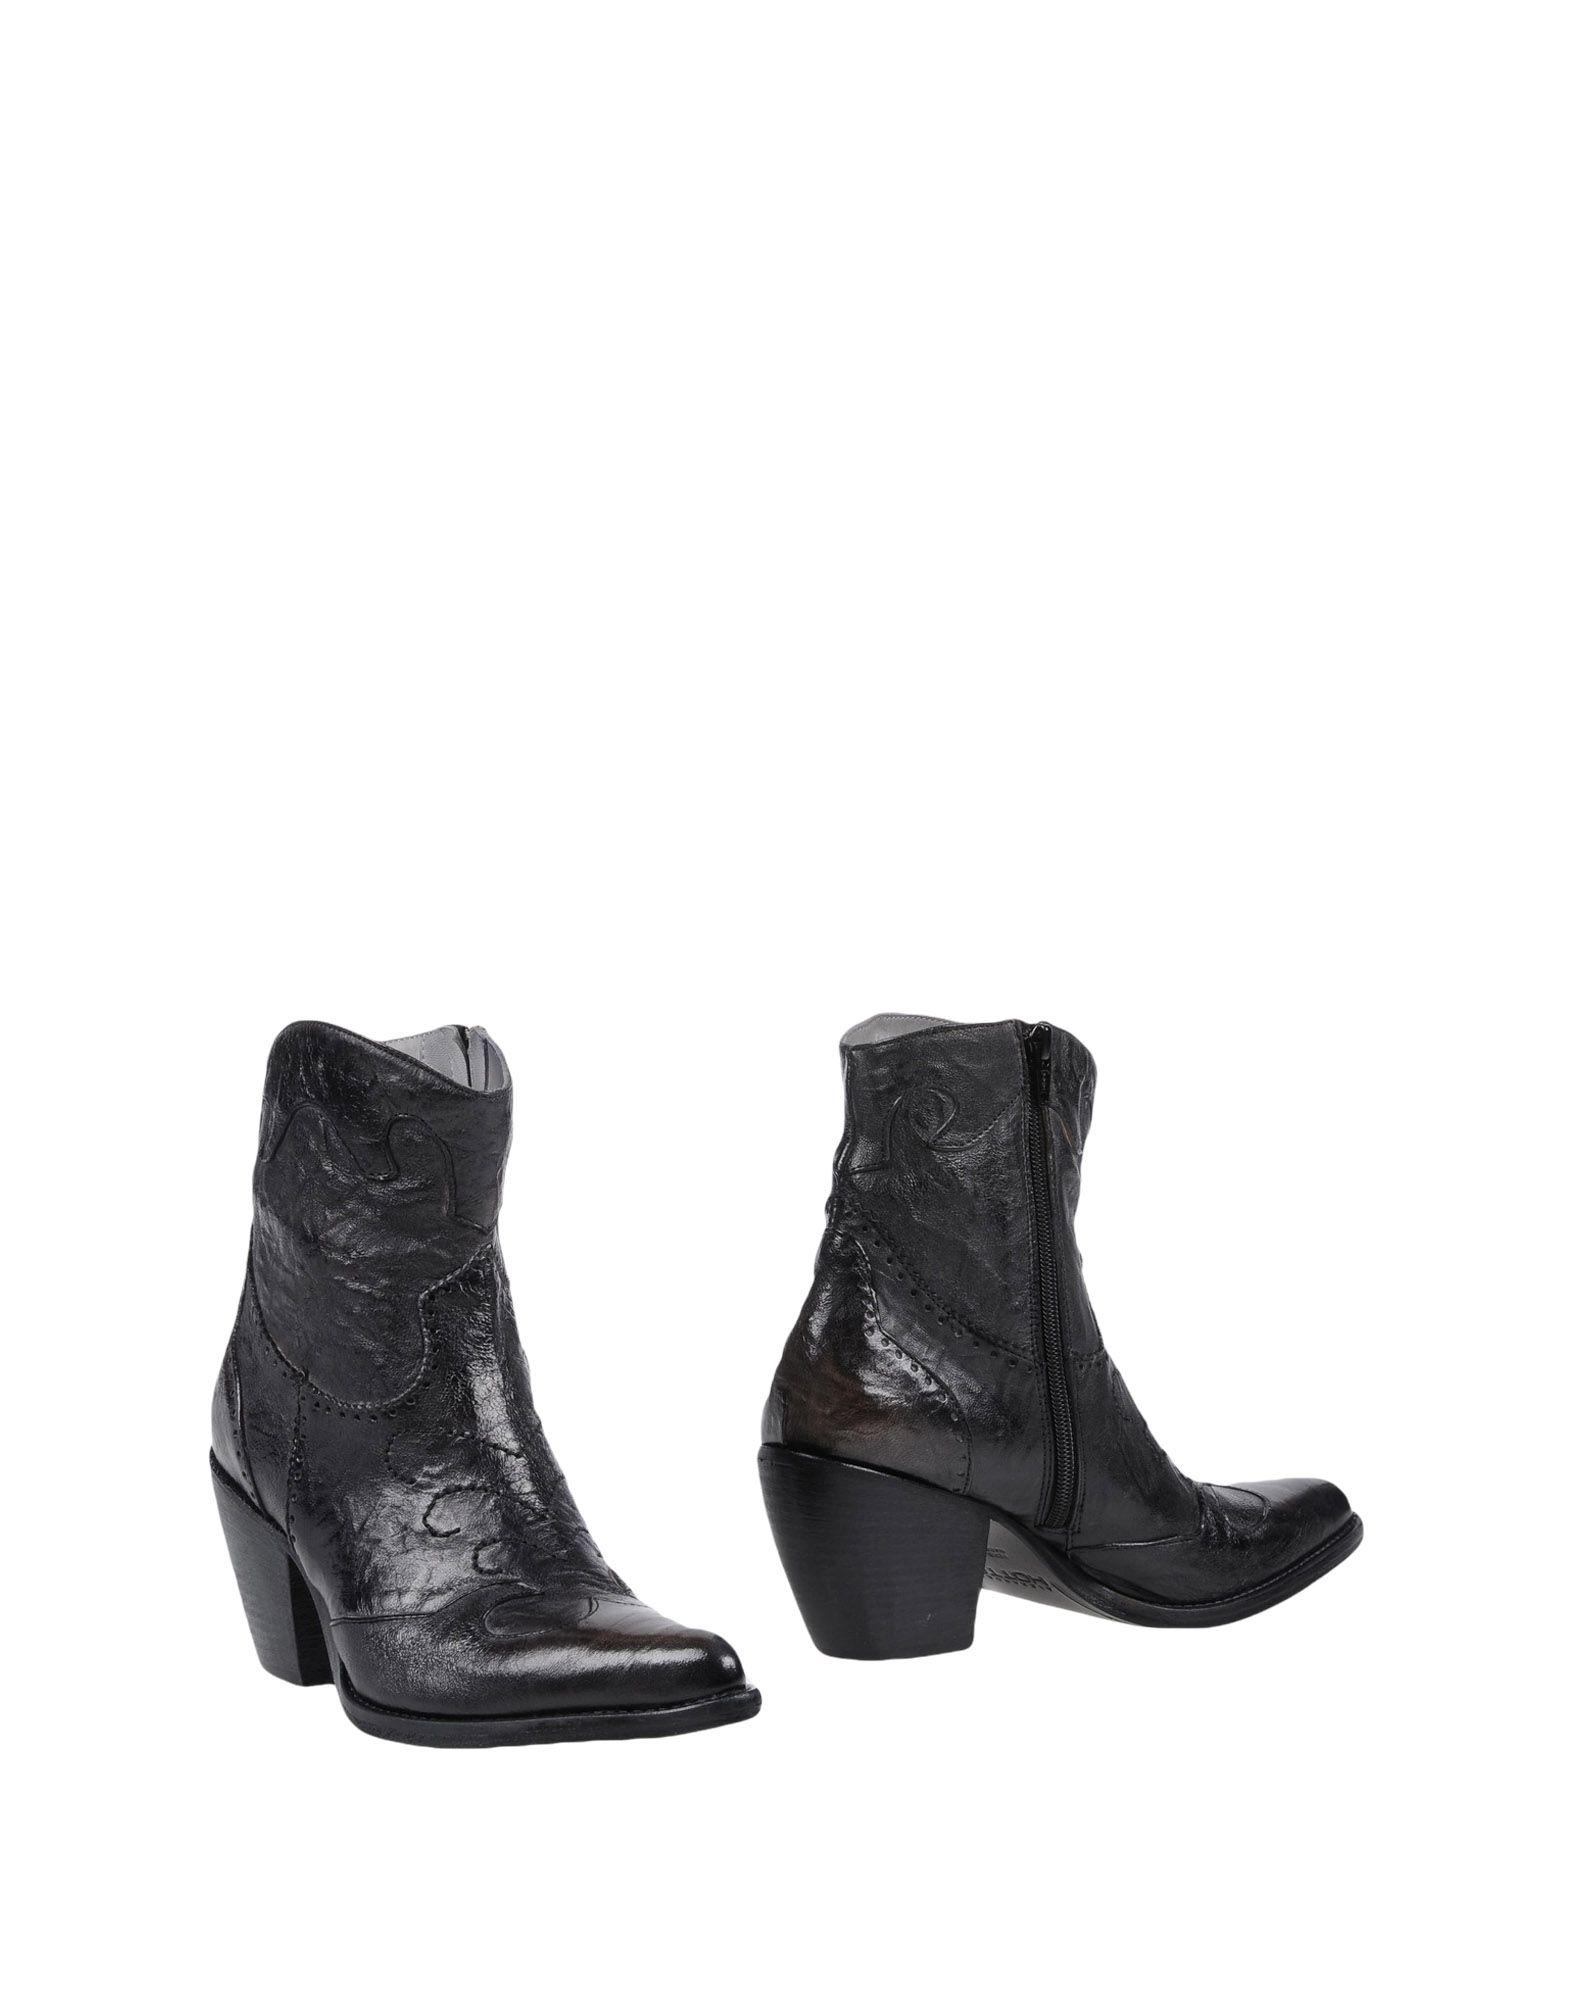 Alexander Hotto Stiefelette Damen  11451693PPGut aussehende strapazierfähige Schuhe